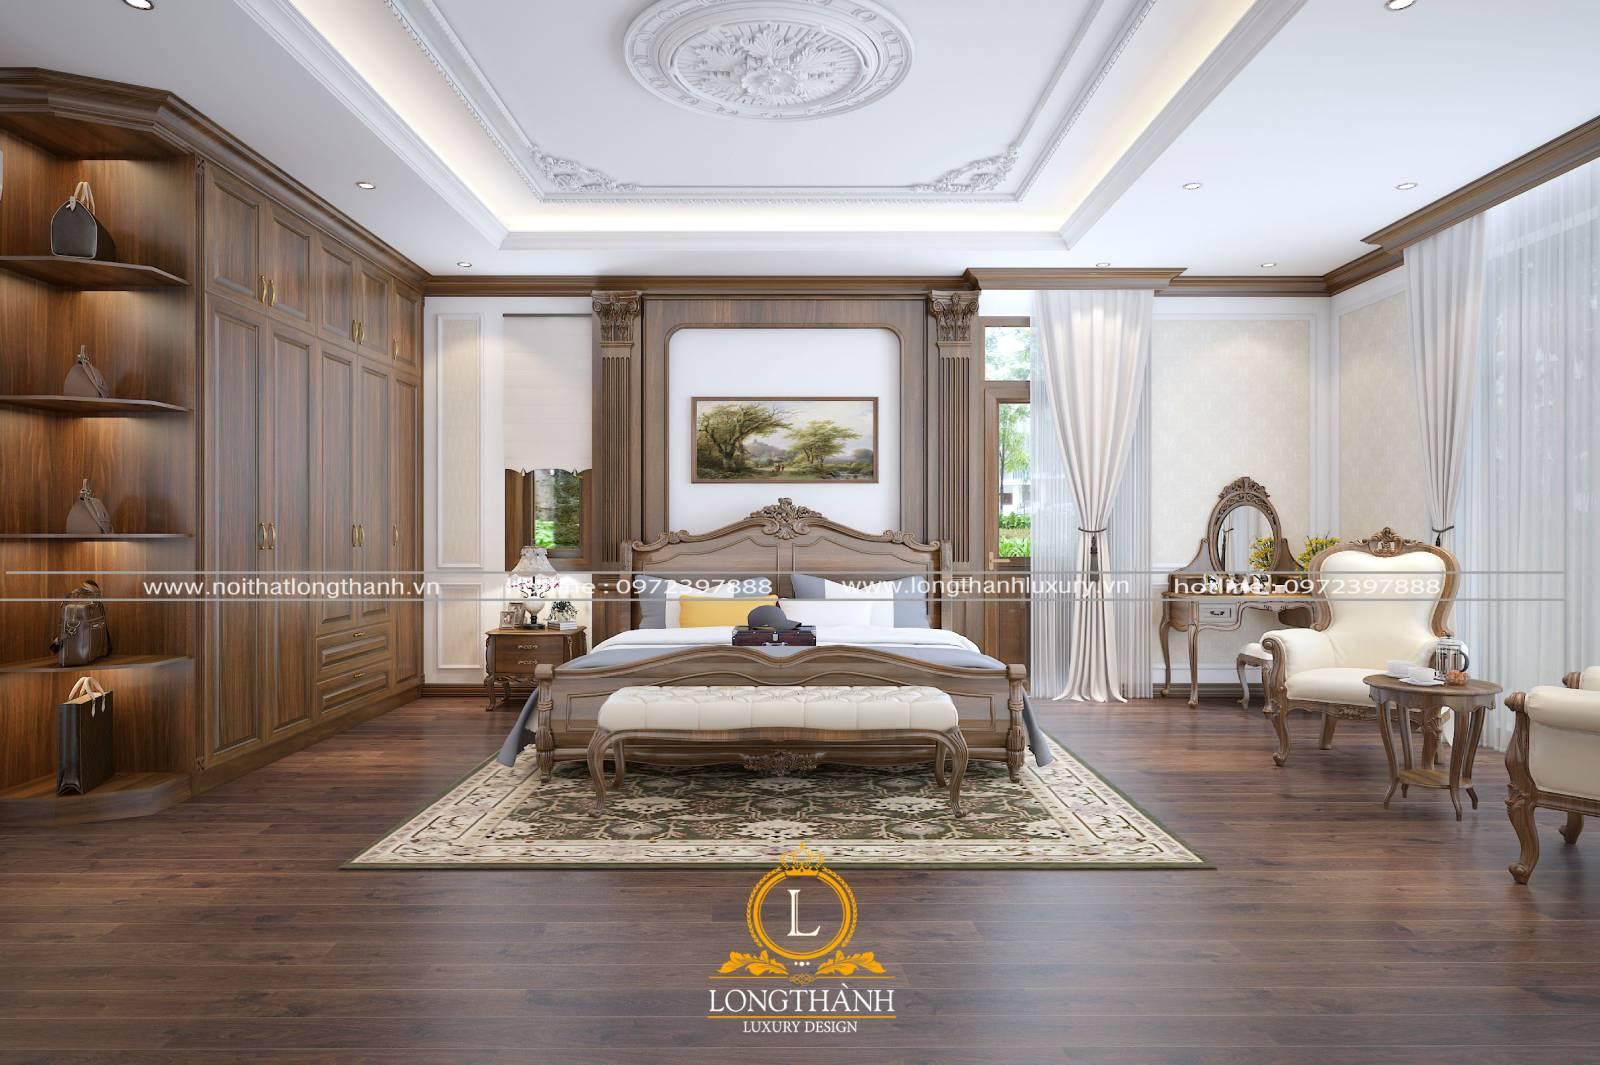 Thiết kế giường ngủ master tân cổ điển cho nhà biệt thự rộng